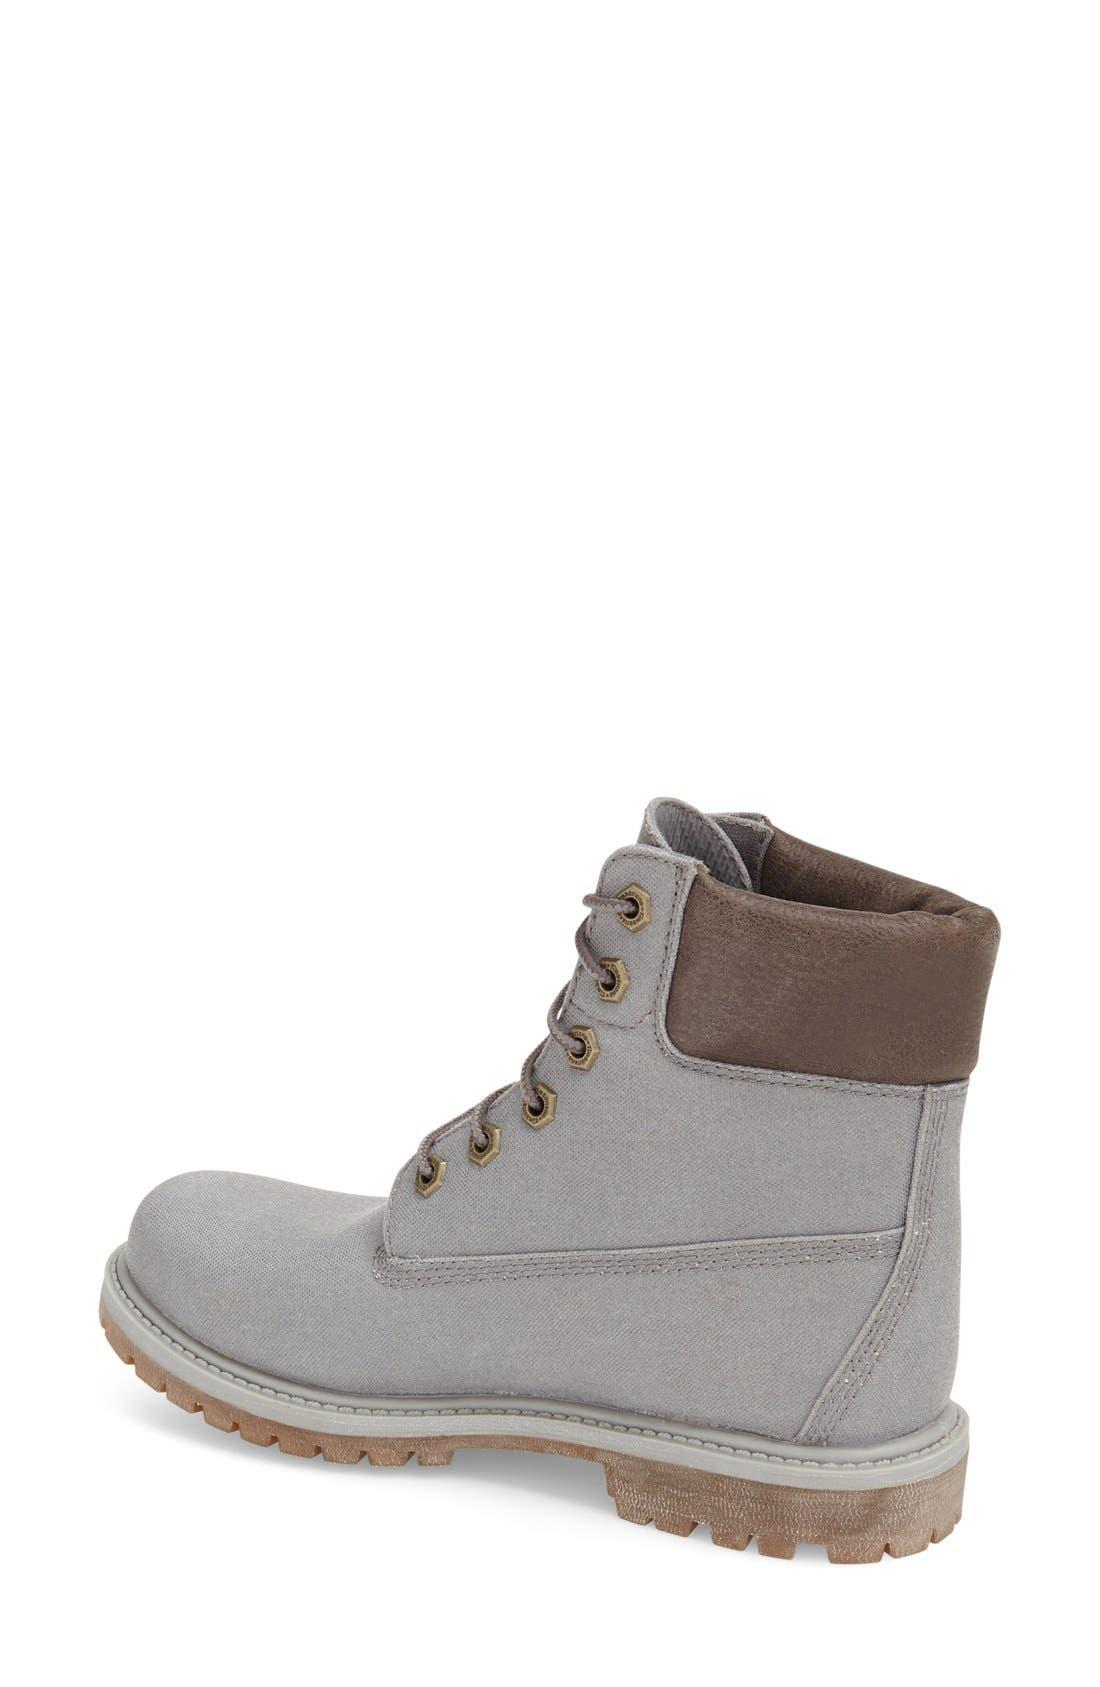 Alternate Image 2  - Timberland '6 Inch Premium' Waterproof Boot (Women)